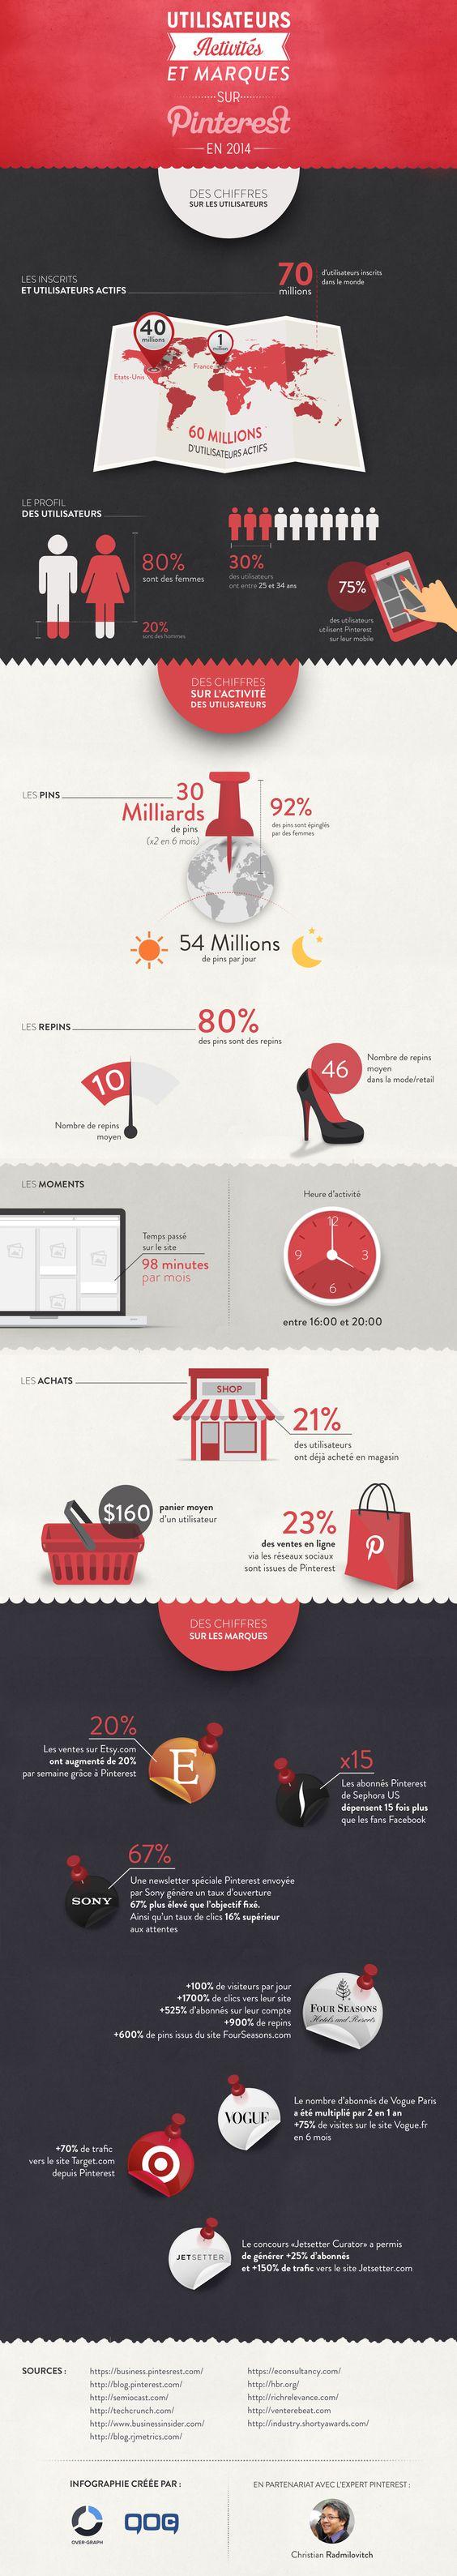 Chiffres 2014 pour Pinterest #Infographie [FR] 80% des utilisateurs sont des utilisatrices ; 54 millions de pins sont épinglés par jour sur le réseau 30% des utilisateurs ont entre 25 et 34 ans ; 75% des de l'activité sur Pinterest se fait sur mobile 23% des ventes réalisées sur les réseaux sociaux viennent de Pinterest.